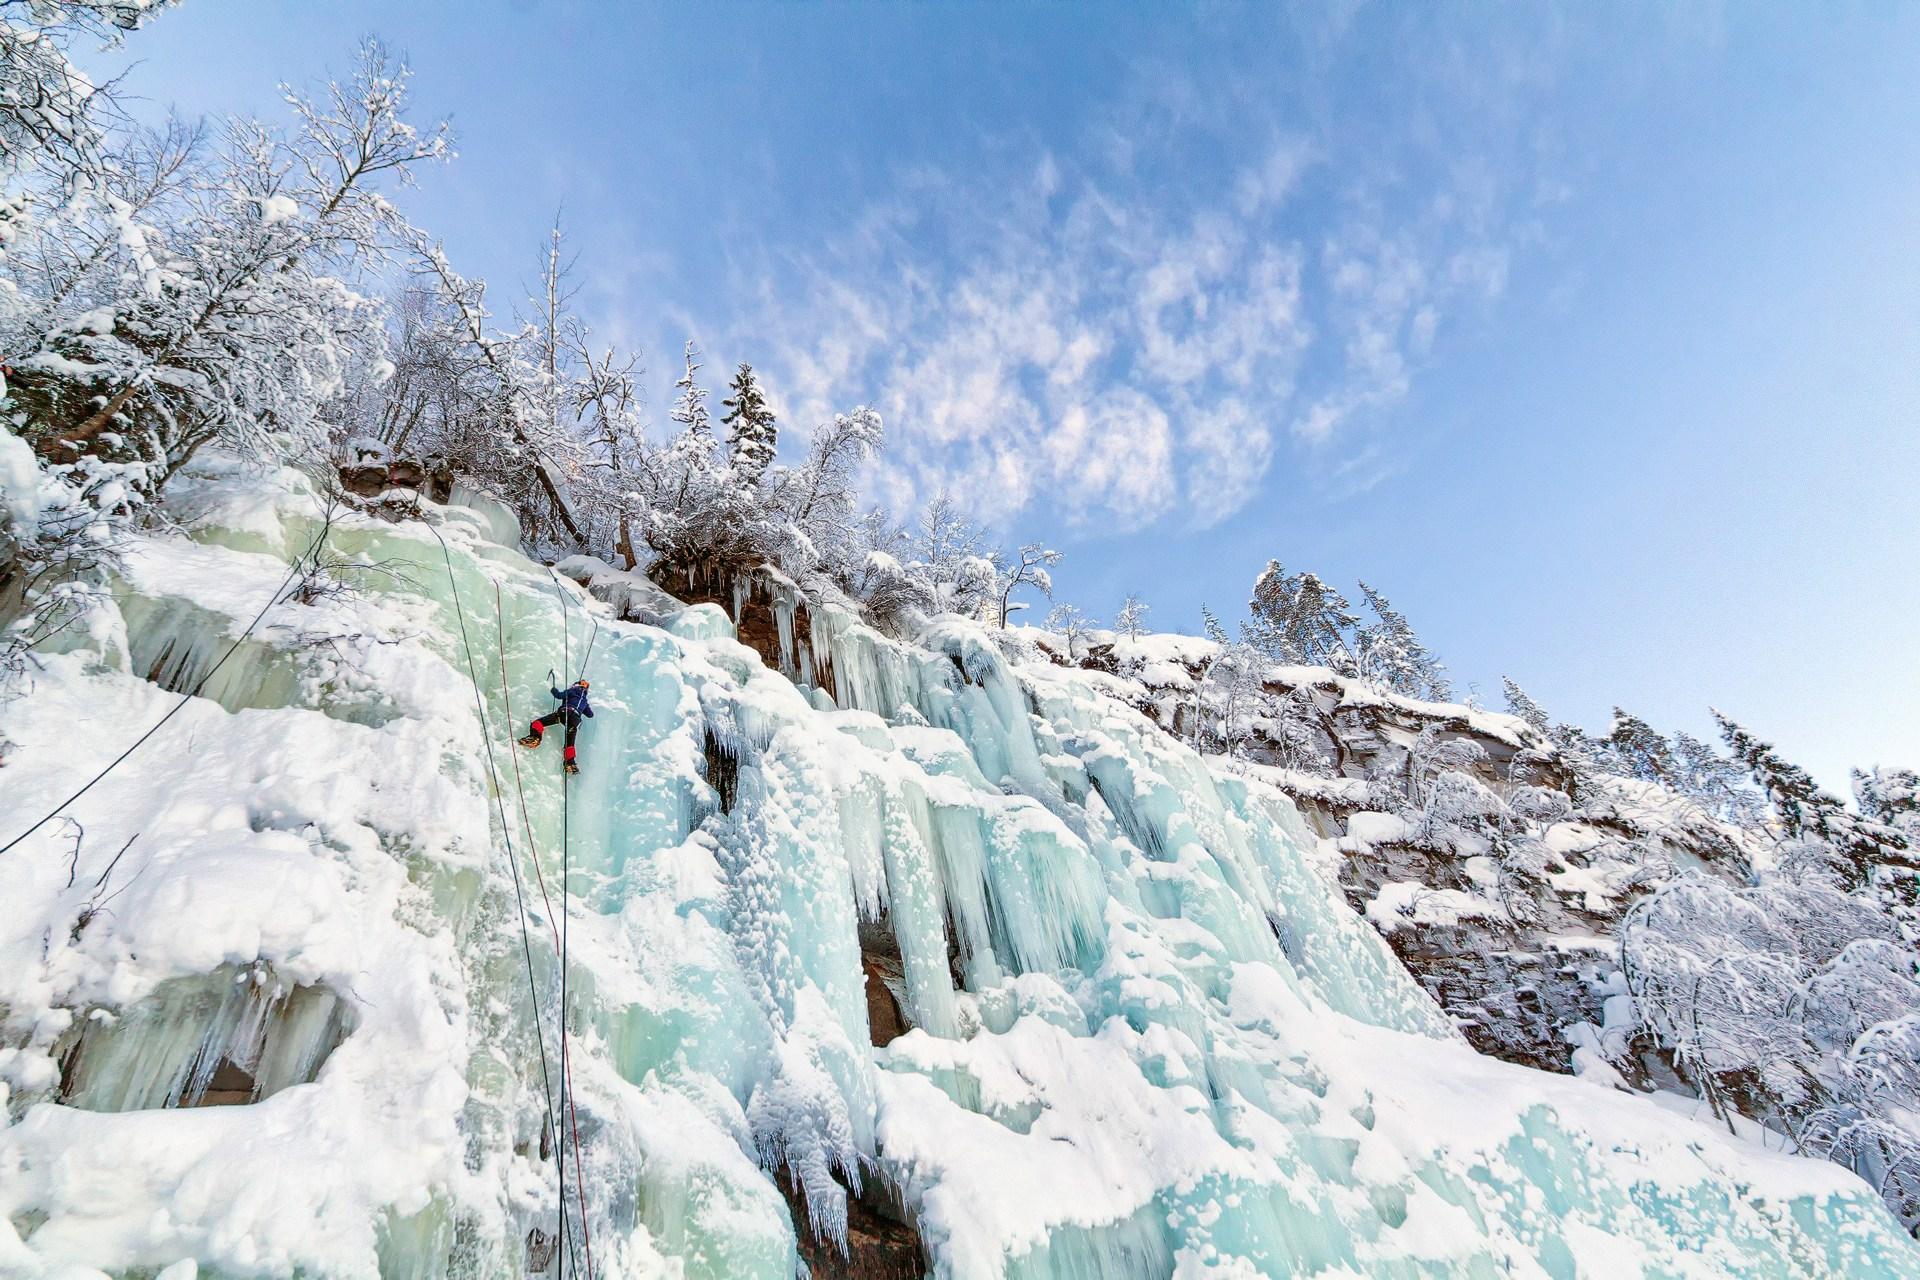 Rukatunturi, ruka, finland, lapland, finnish lappland, finnland, ice climbing, eisklettern, klettern,